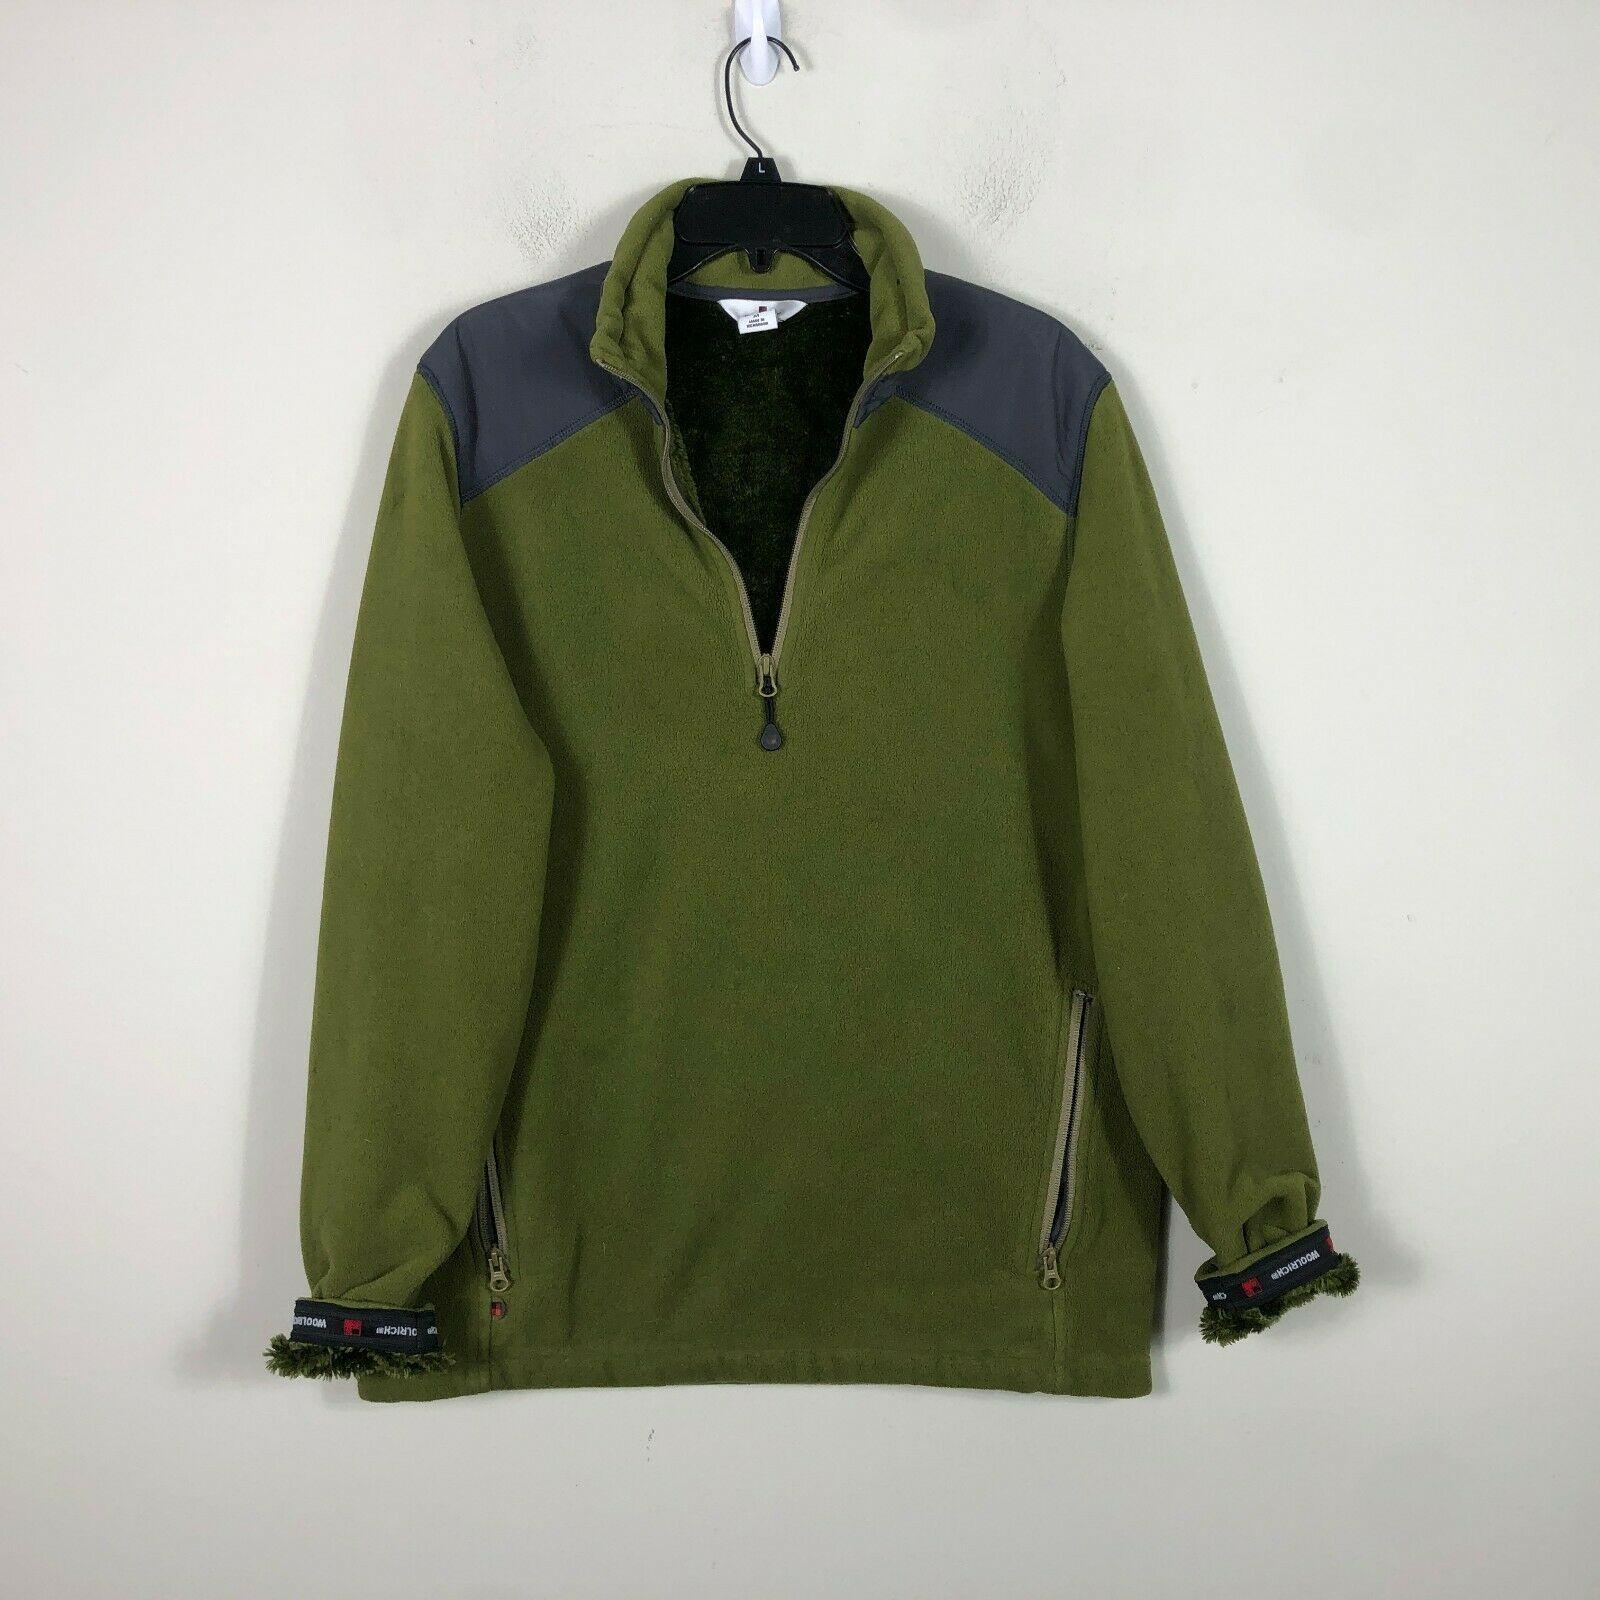 WoolRich Pile Fleece Jacket 1/2 Zip Men's M Green Long Sleeve Faux Fur Lined image 7